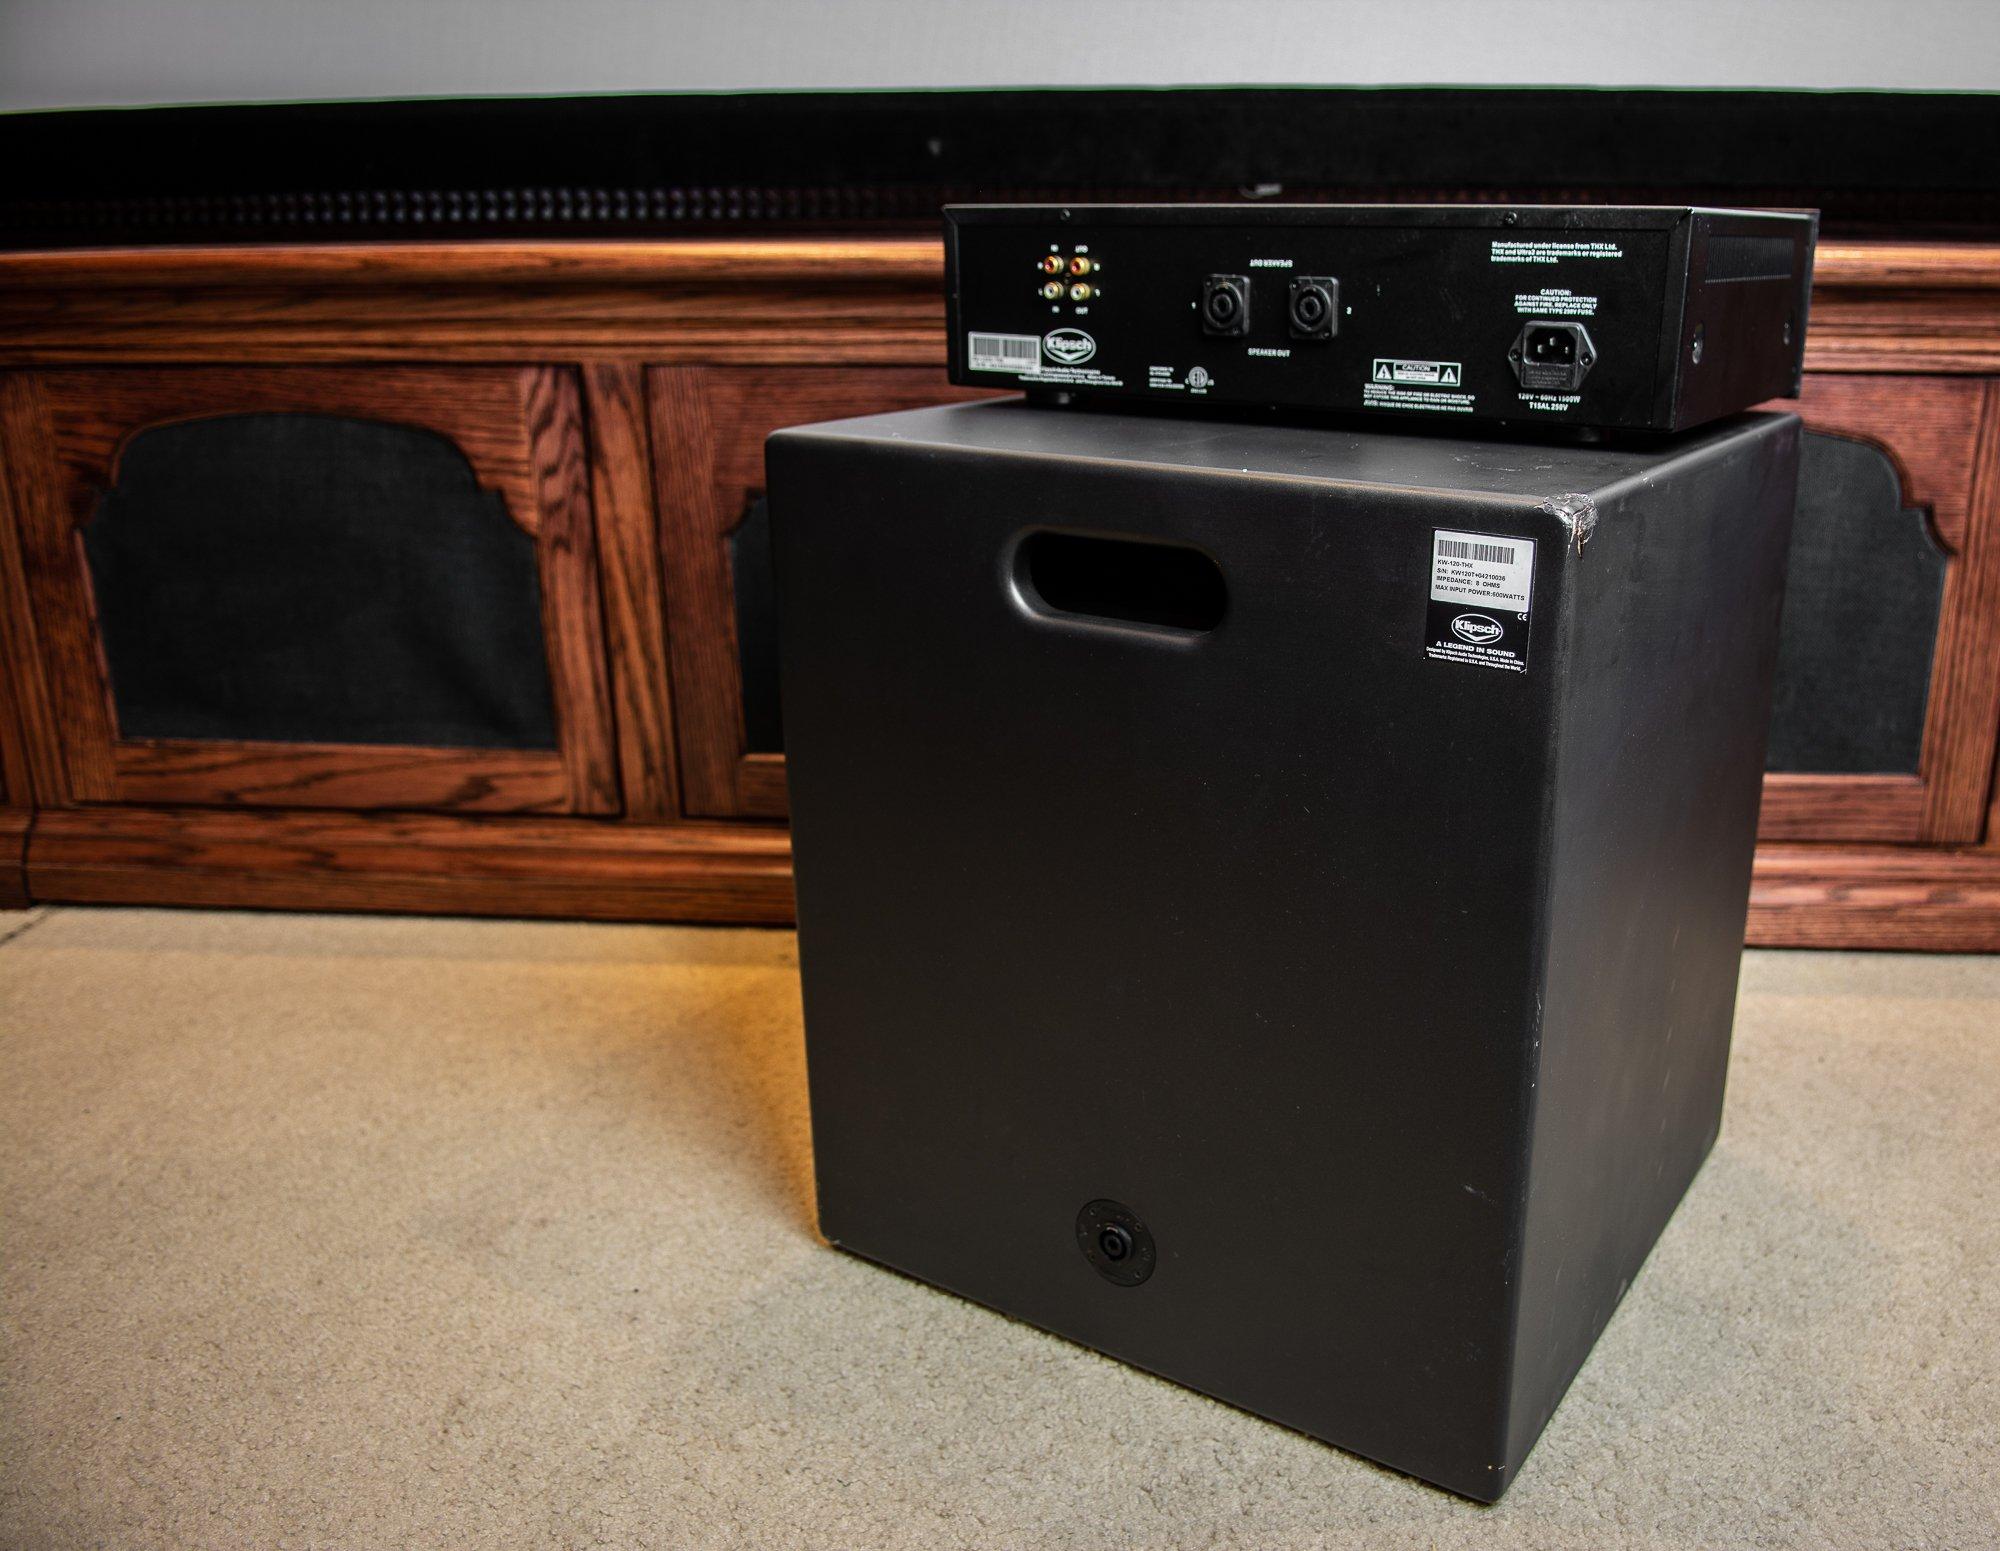 Klipsch Kw 120 Thx Ultra2 Subwoofer With Ka 1000 Amplifier